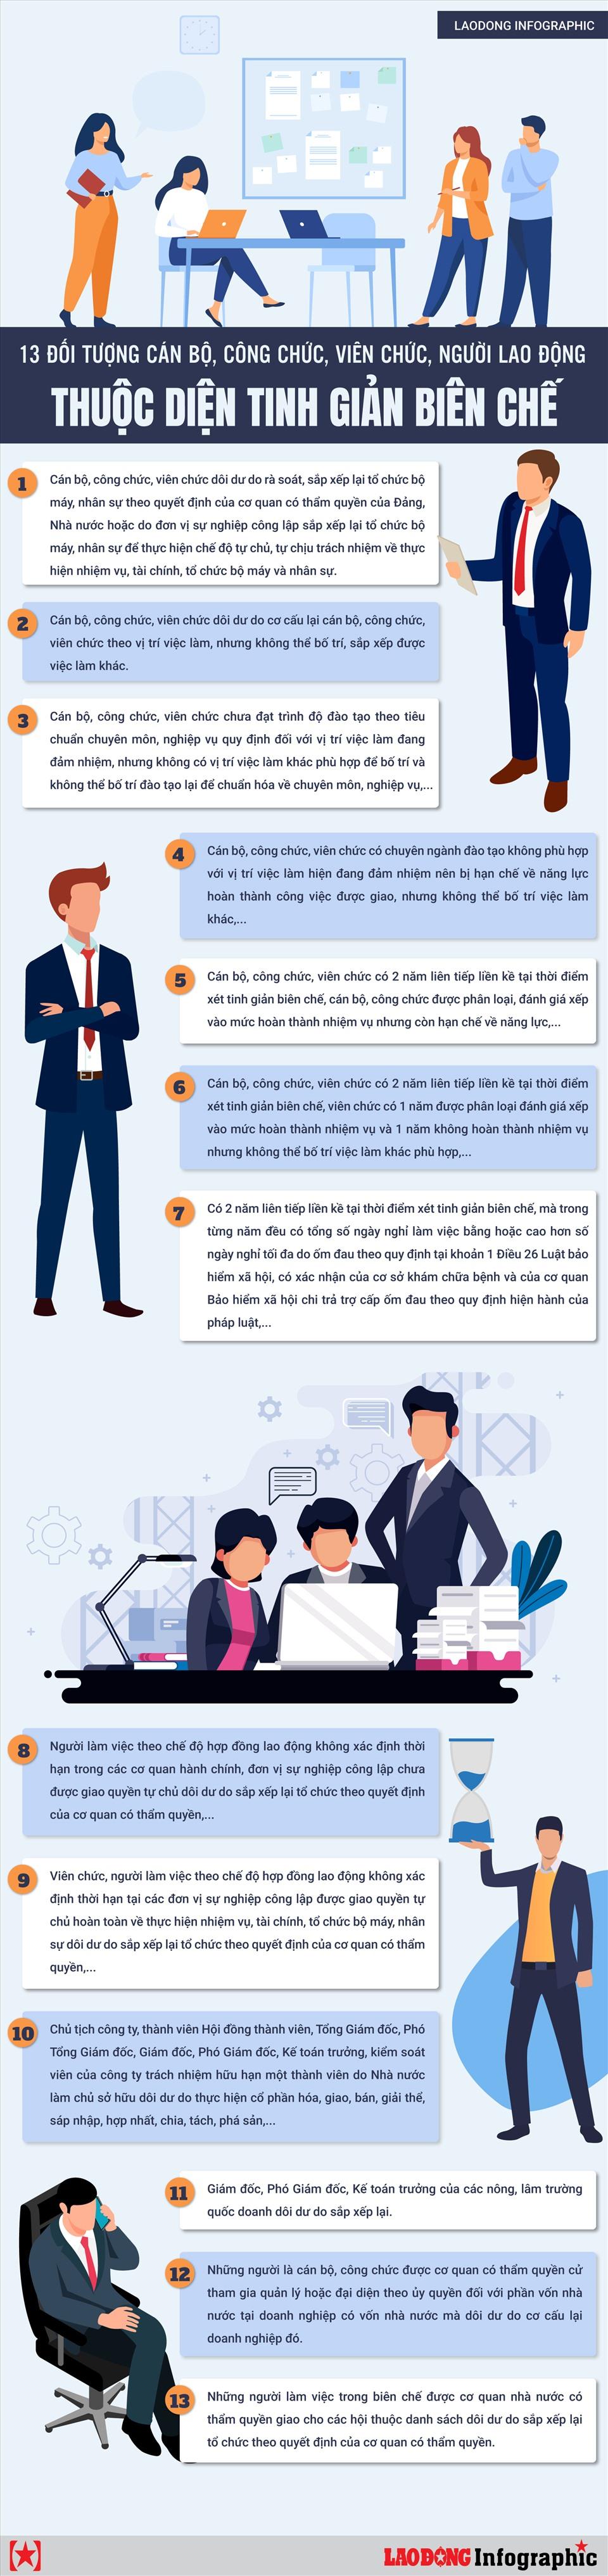 [Infographics] Đối tượng cán bộ, công chức, viên chức, người lao động thuộc diện tinh giản biên chế - Ảnh 1